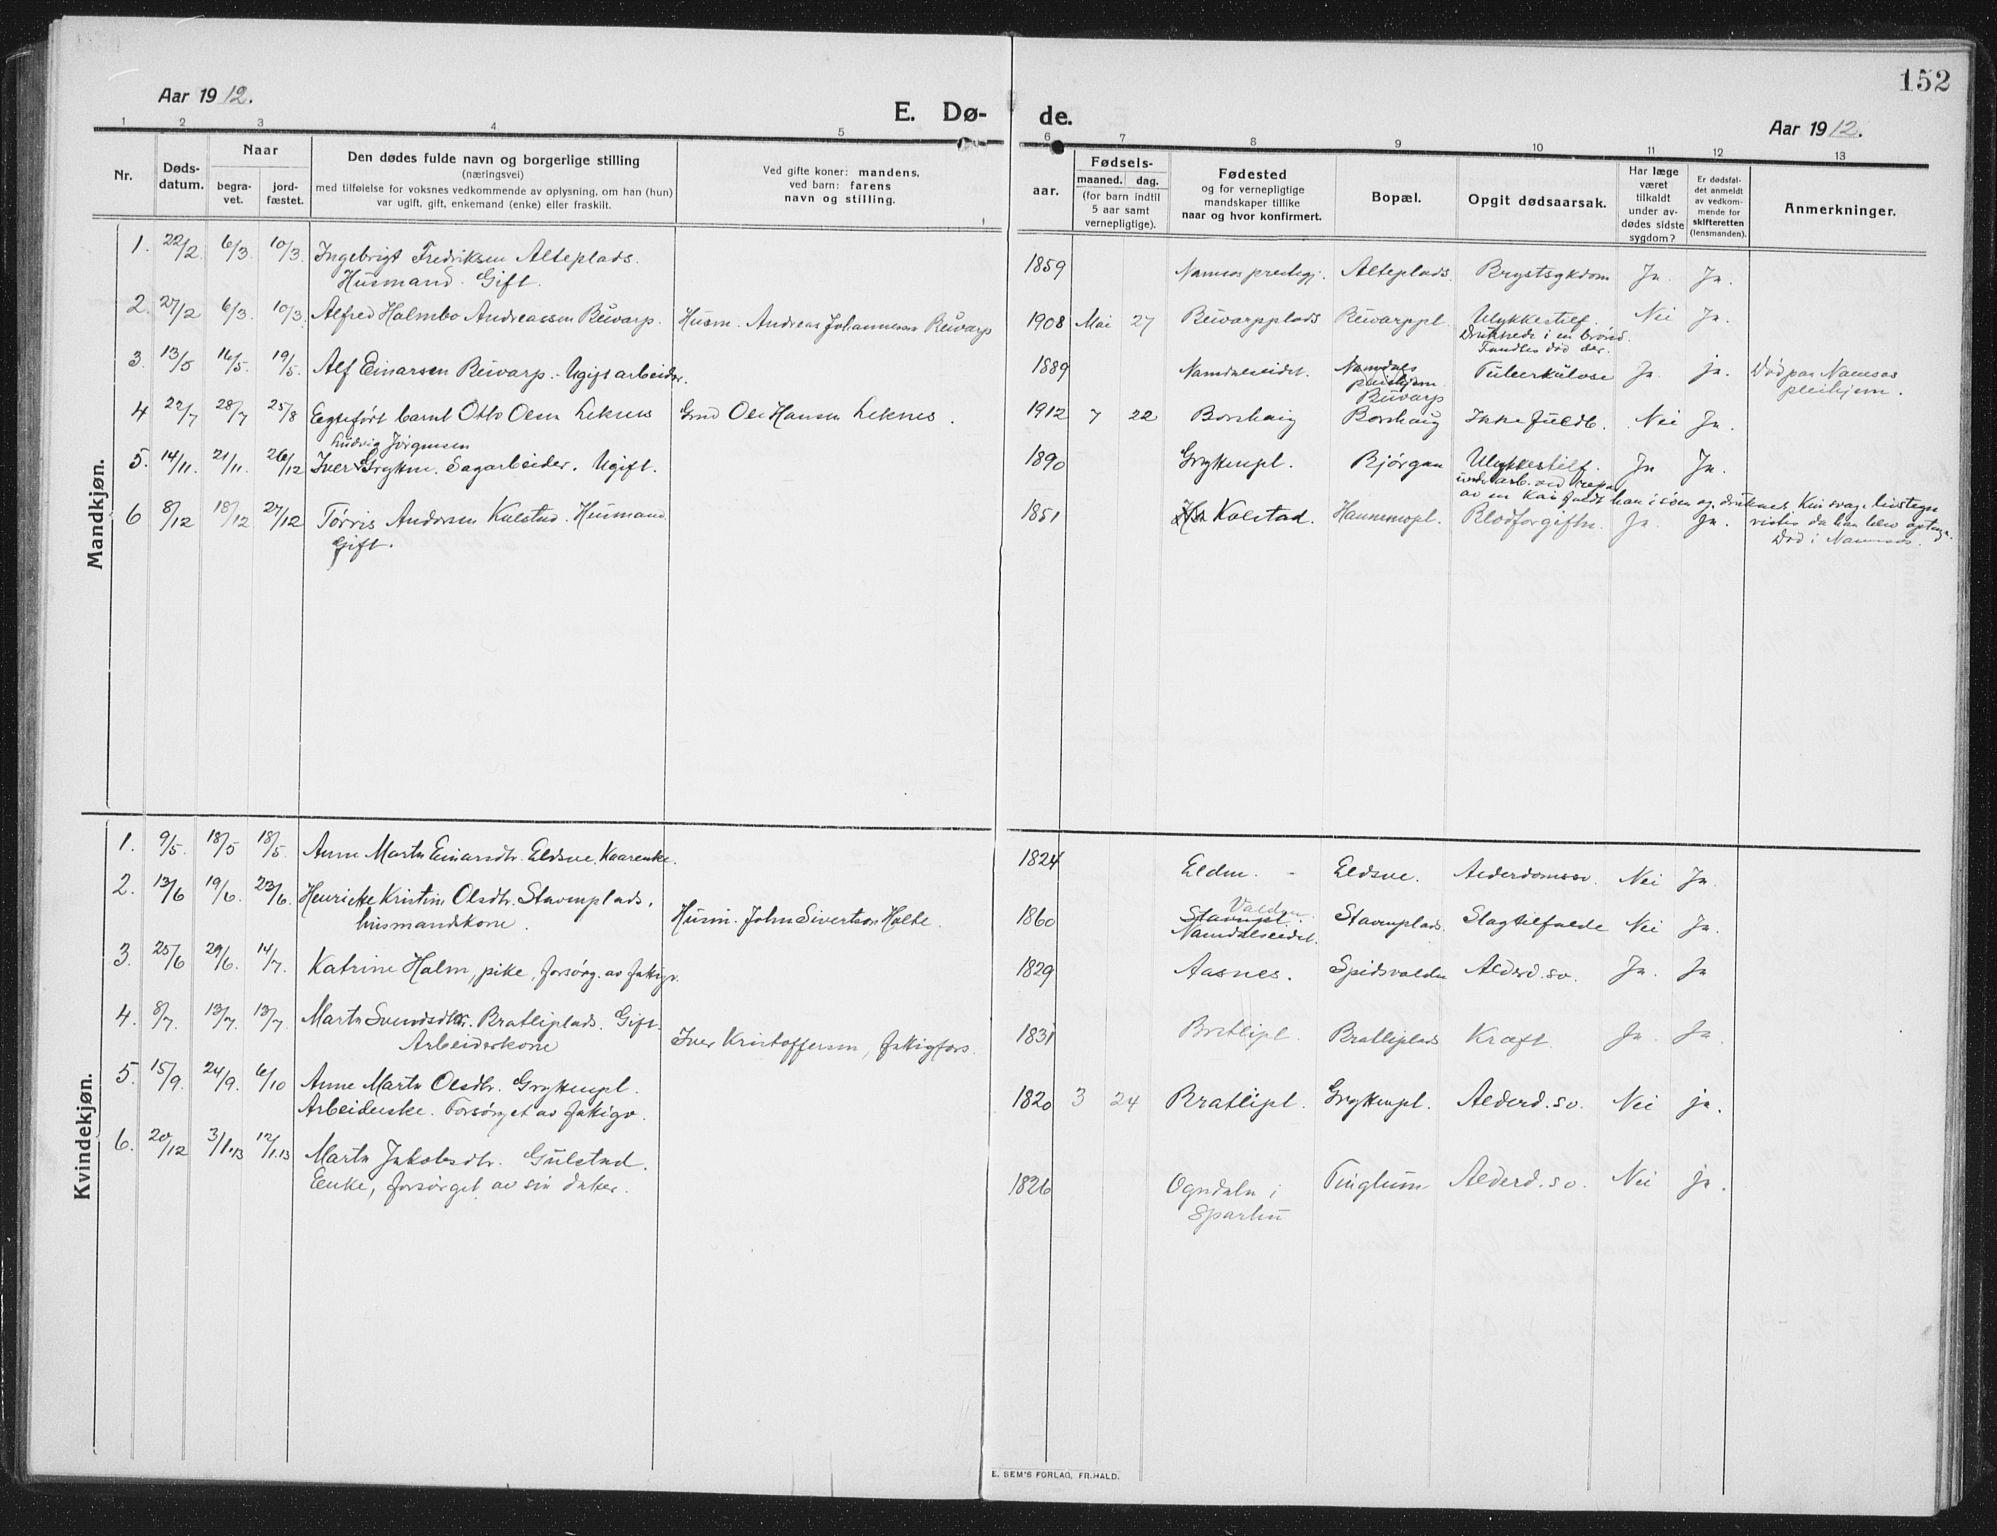 SAT, Ministerialprotokoller, klokkerbøker og fødselsregistre - Nord-Trøndelag, 742/L0413: Klokkerbok nr. 742C04, 1911-1938, s. 152